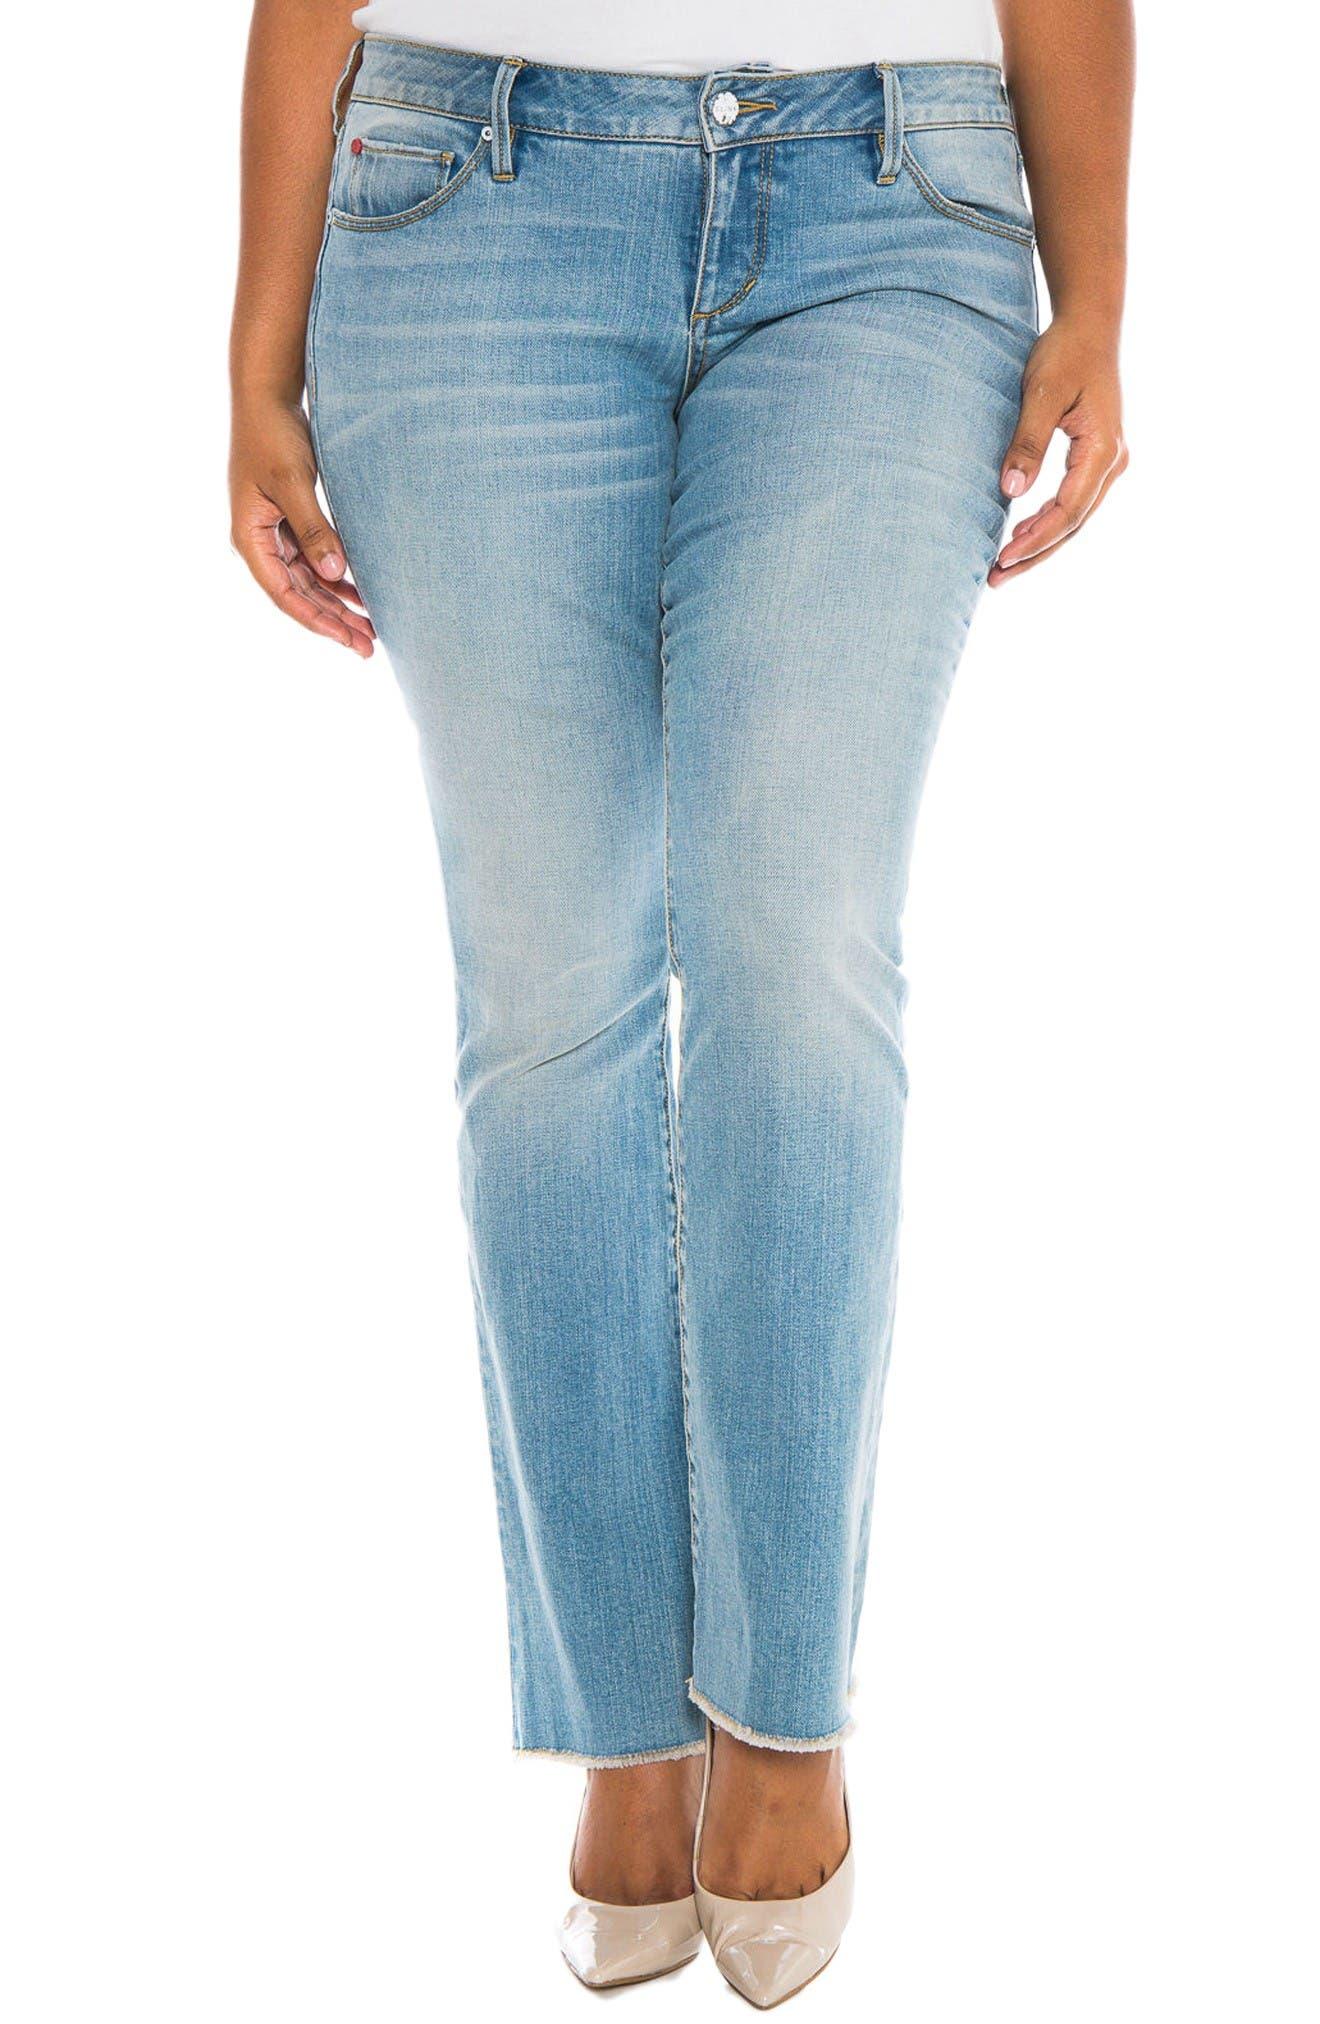 SLINK Jeans Fray Hem Stretch Bootcut Jeans (Becca) (Plus Size)